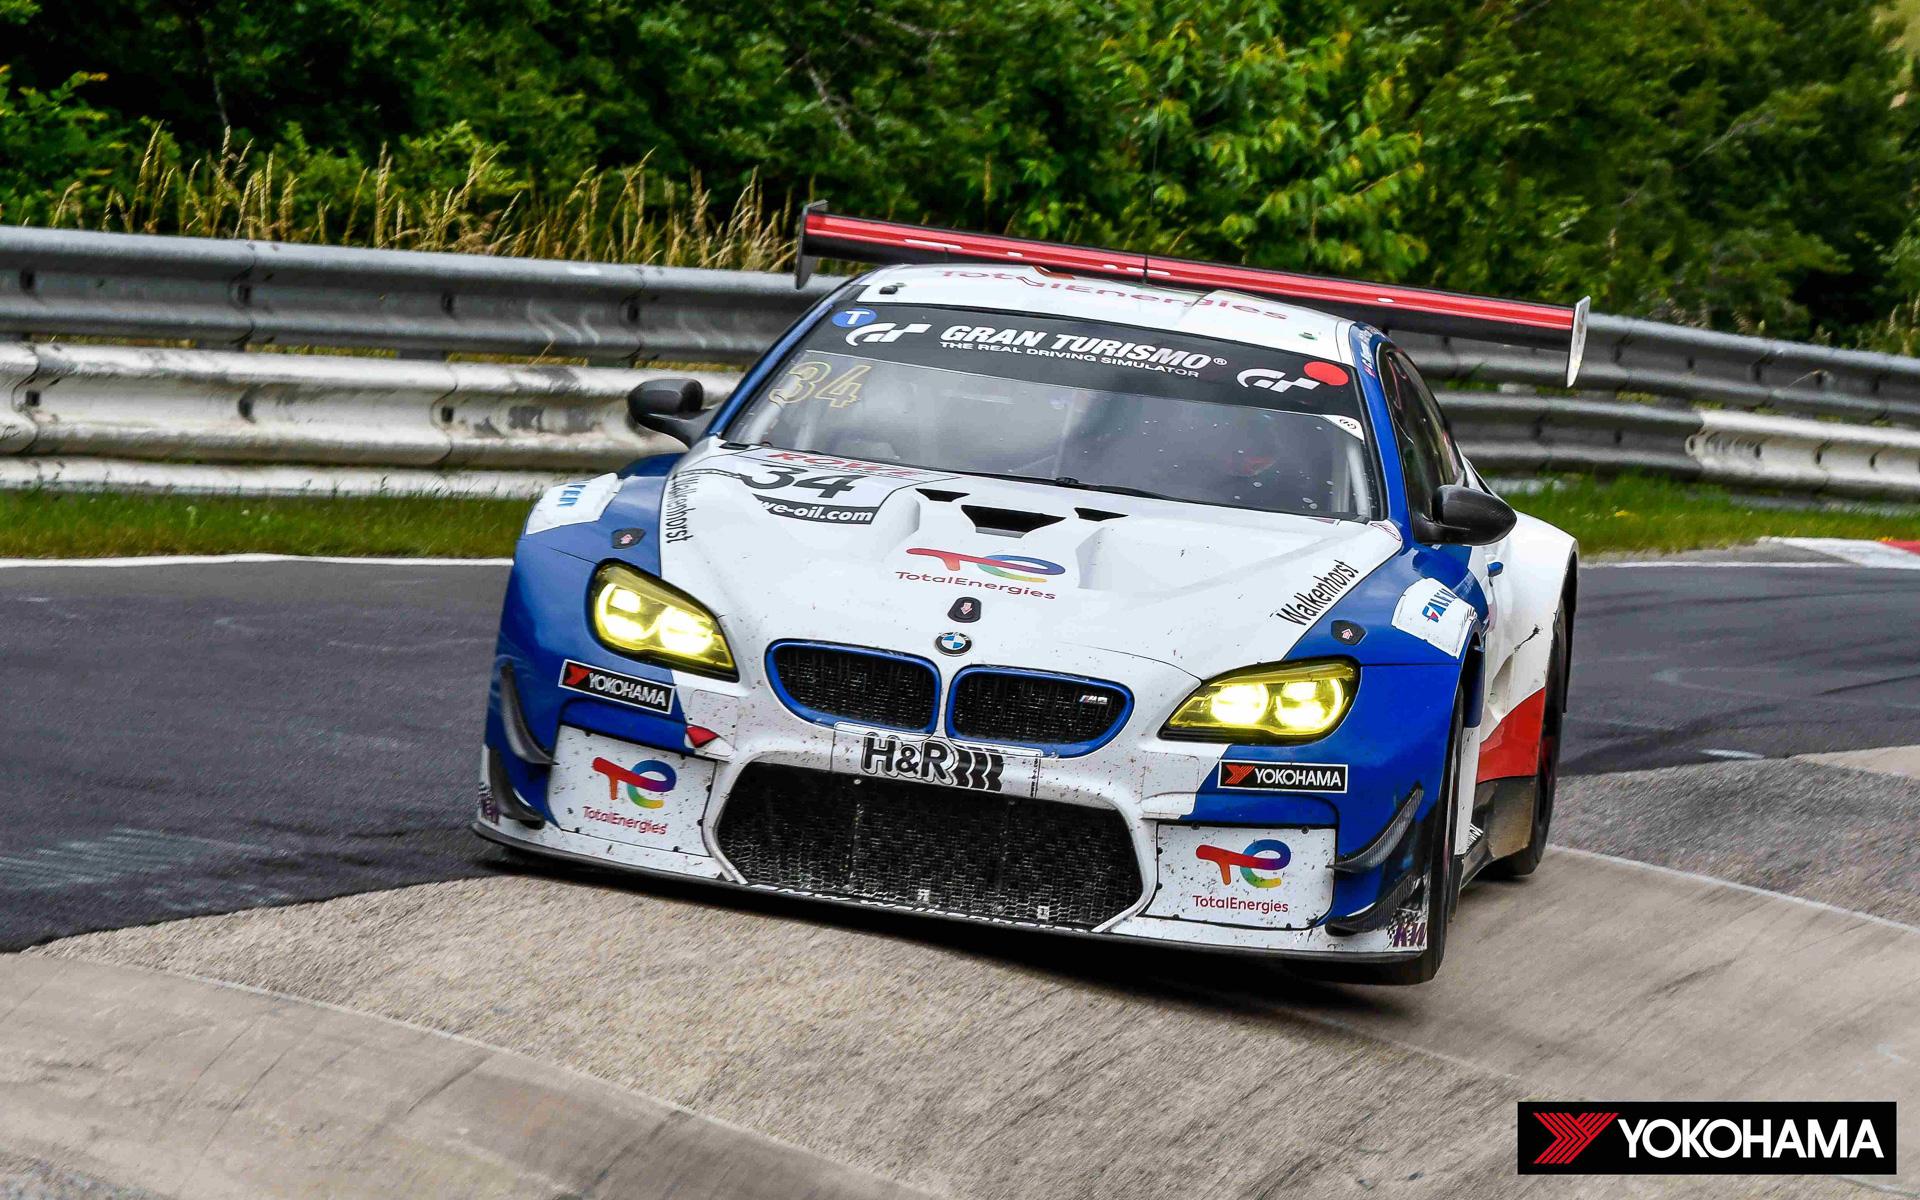 「NLS」シリーズ第6戦で総合優勝した34号車「BMW M6 GT3」